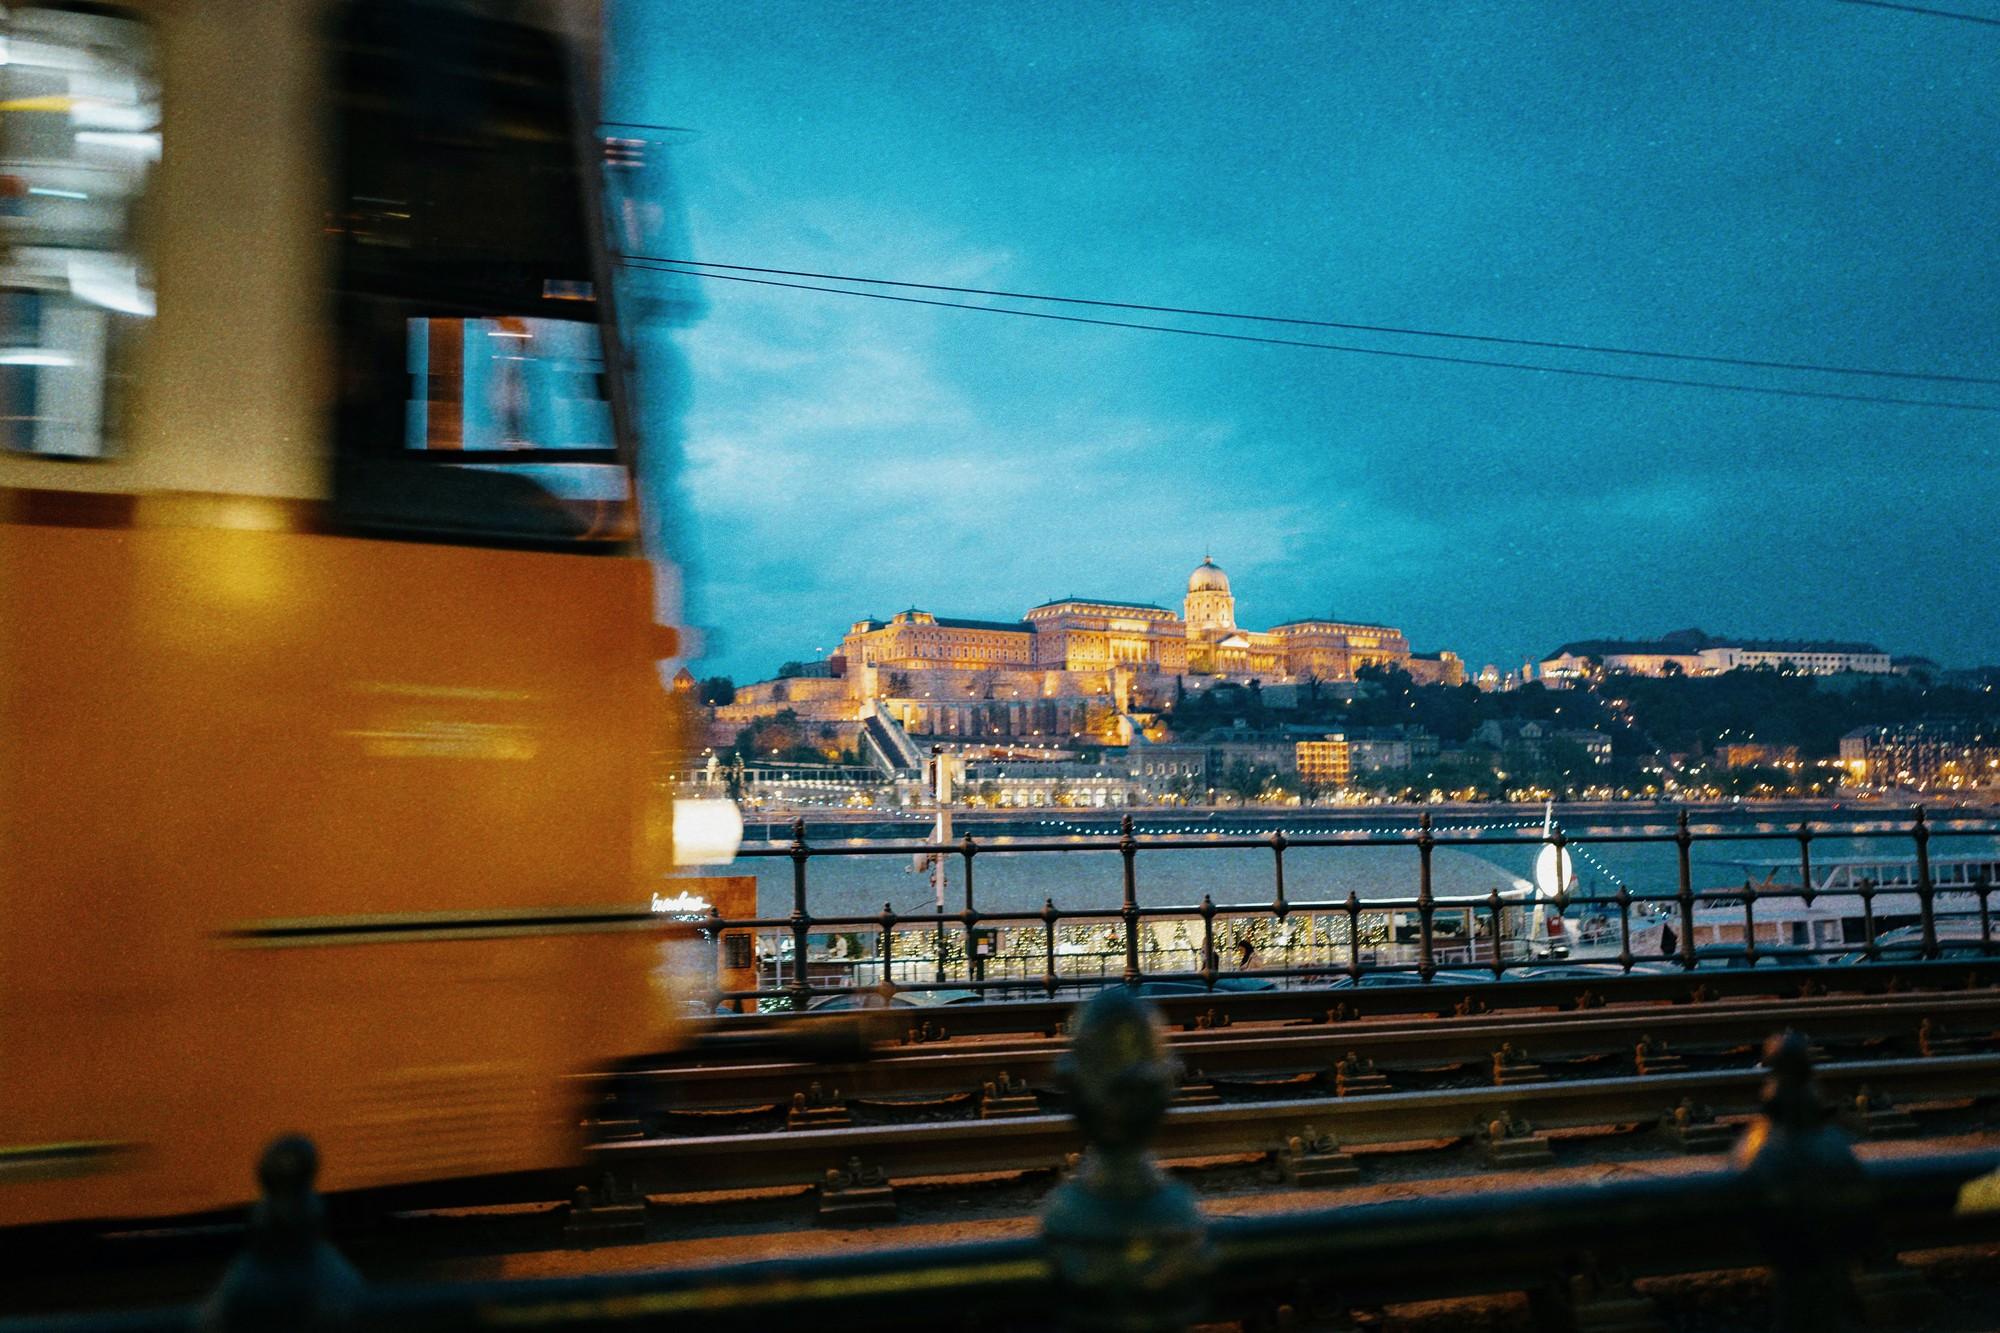 Theo chân anh bạn điển trai người Việt khám phá Budapest - thủ đô nổi tiếng đẹp như phim điện ảnh của Hungary - Ảnh 16.